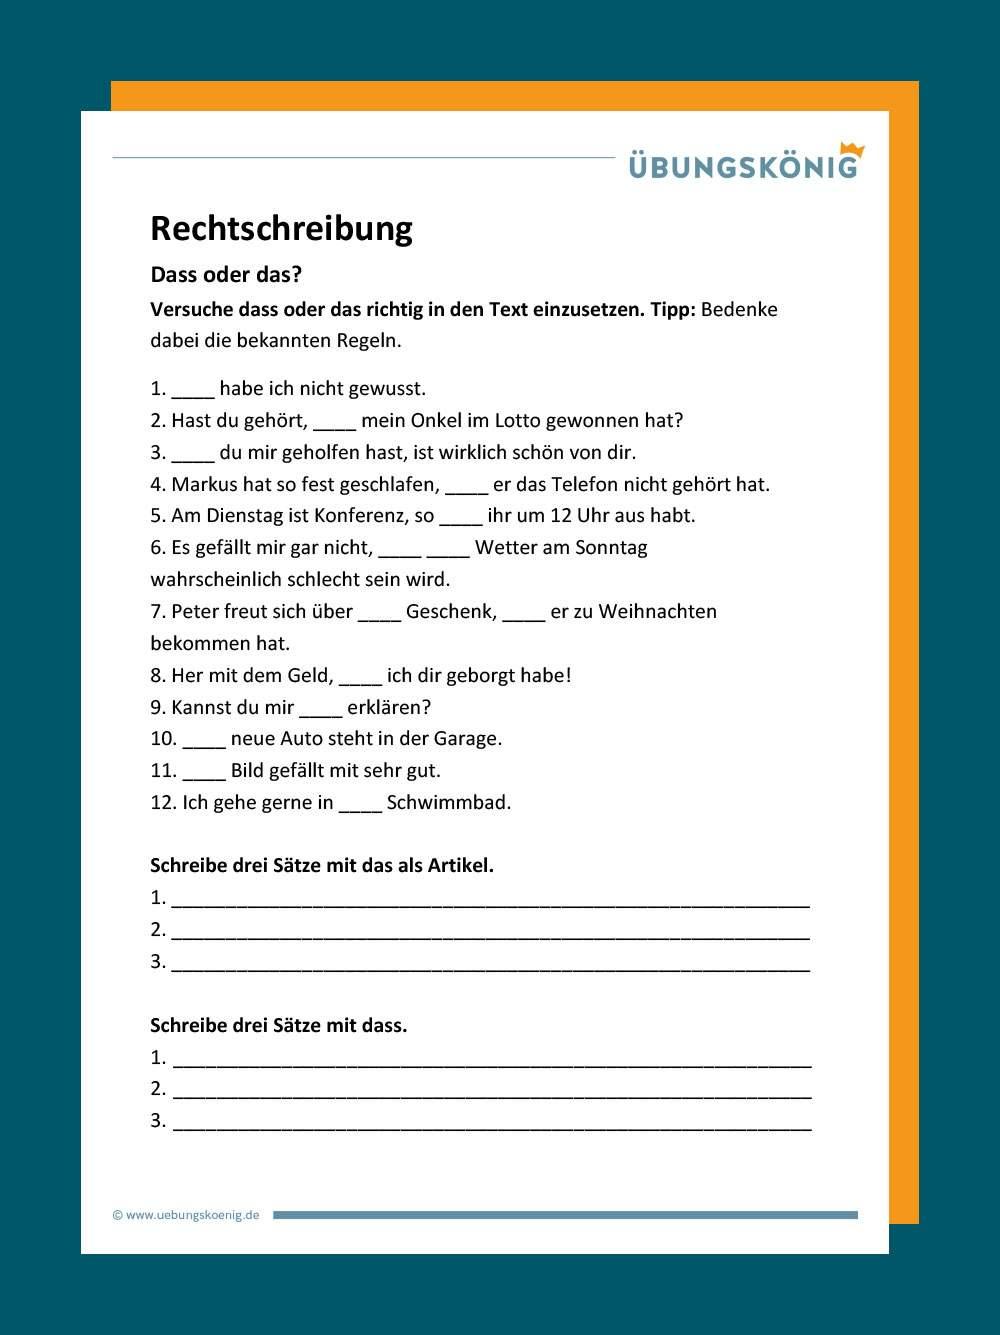 Groß- Und Kleinschreibung ganzes Deutsch 3 Klasse Nomen Verben Adjektive Übungen